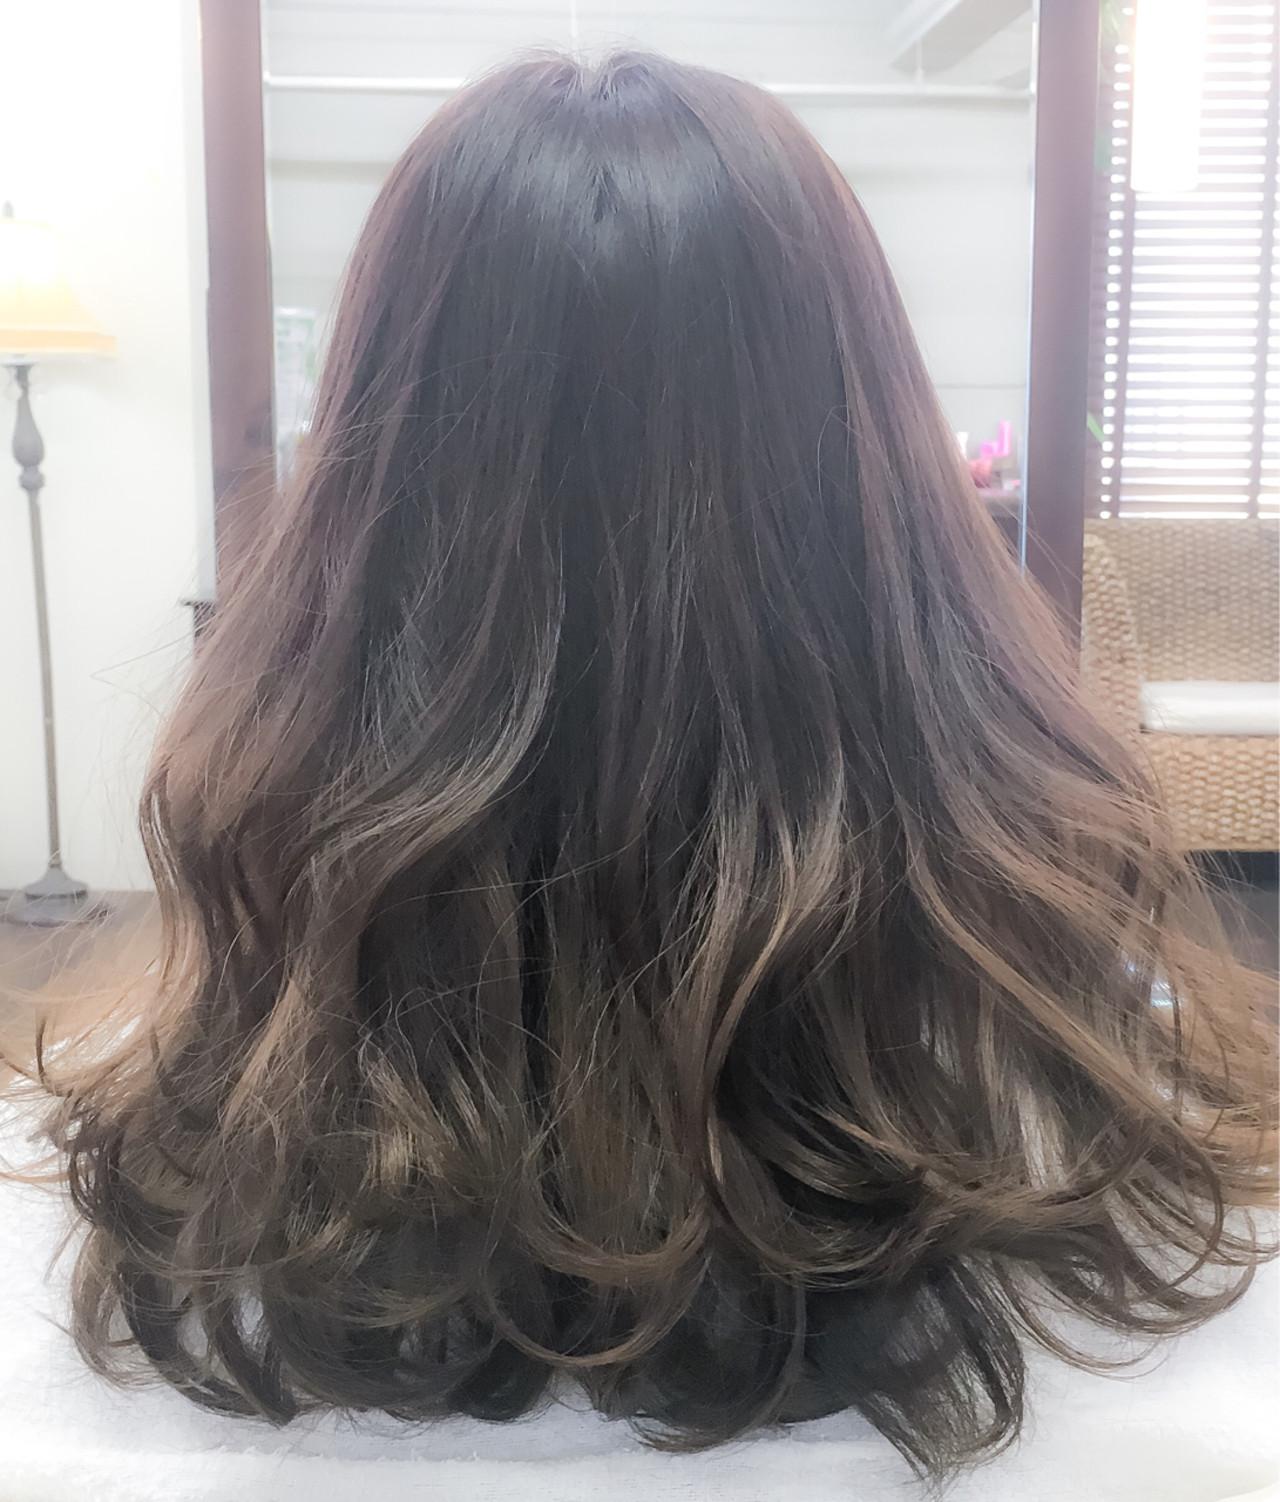 グラデーションカラー 外国人風 グレージュ ミディアム ヘアスタイルや髪型の写真・画像